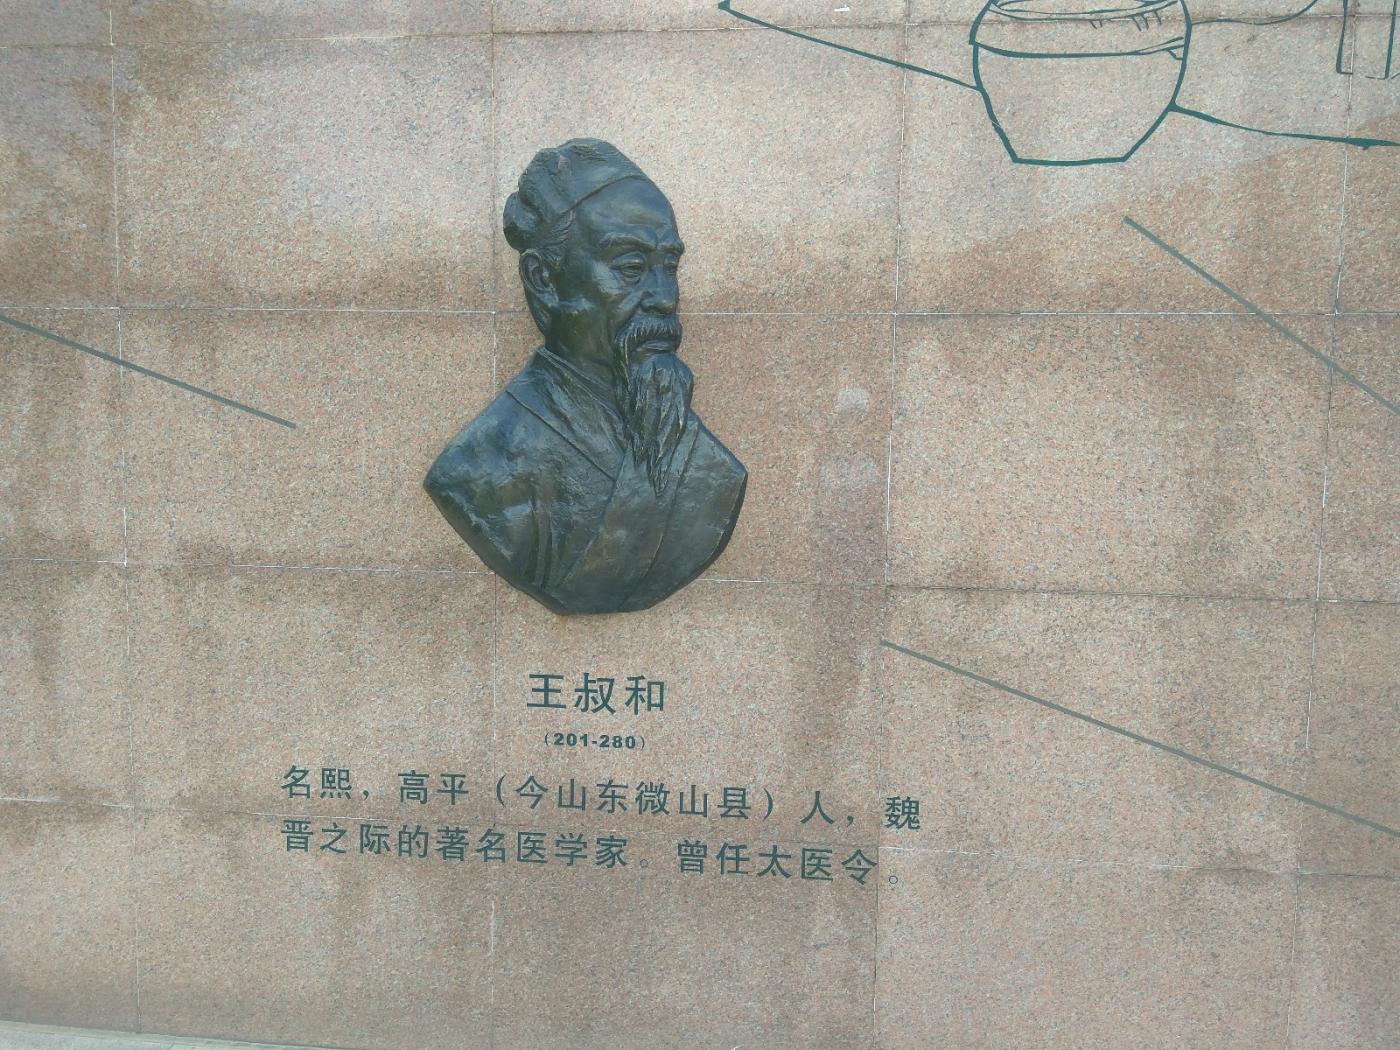 群雕:中外医学大师(图)_图1-7